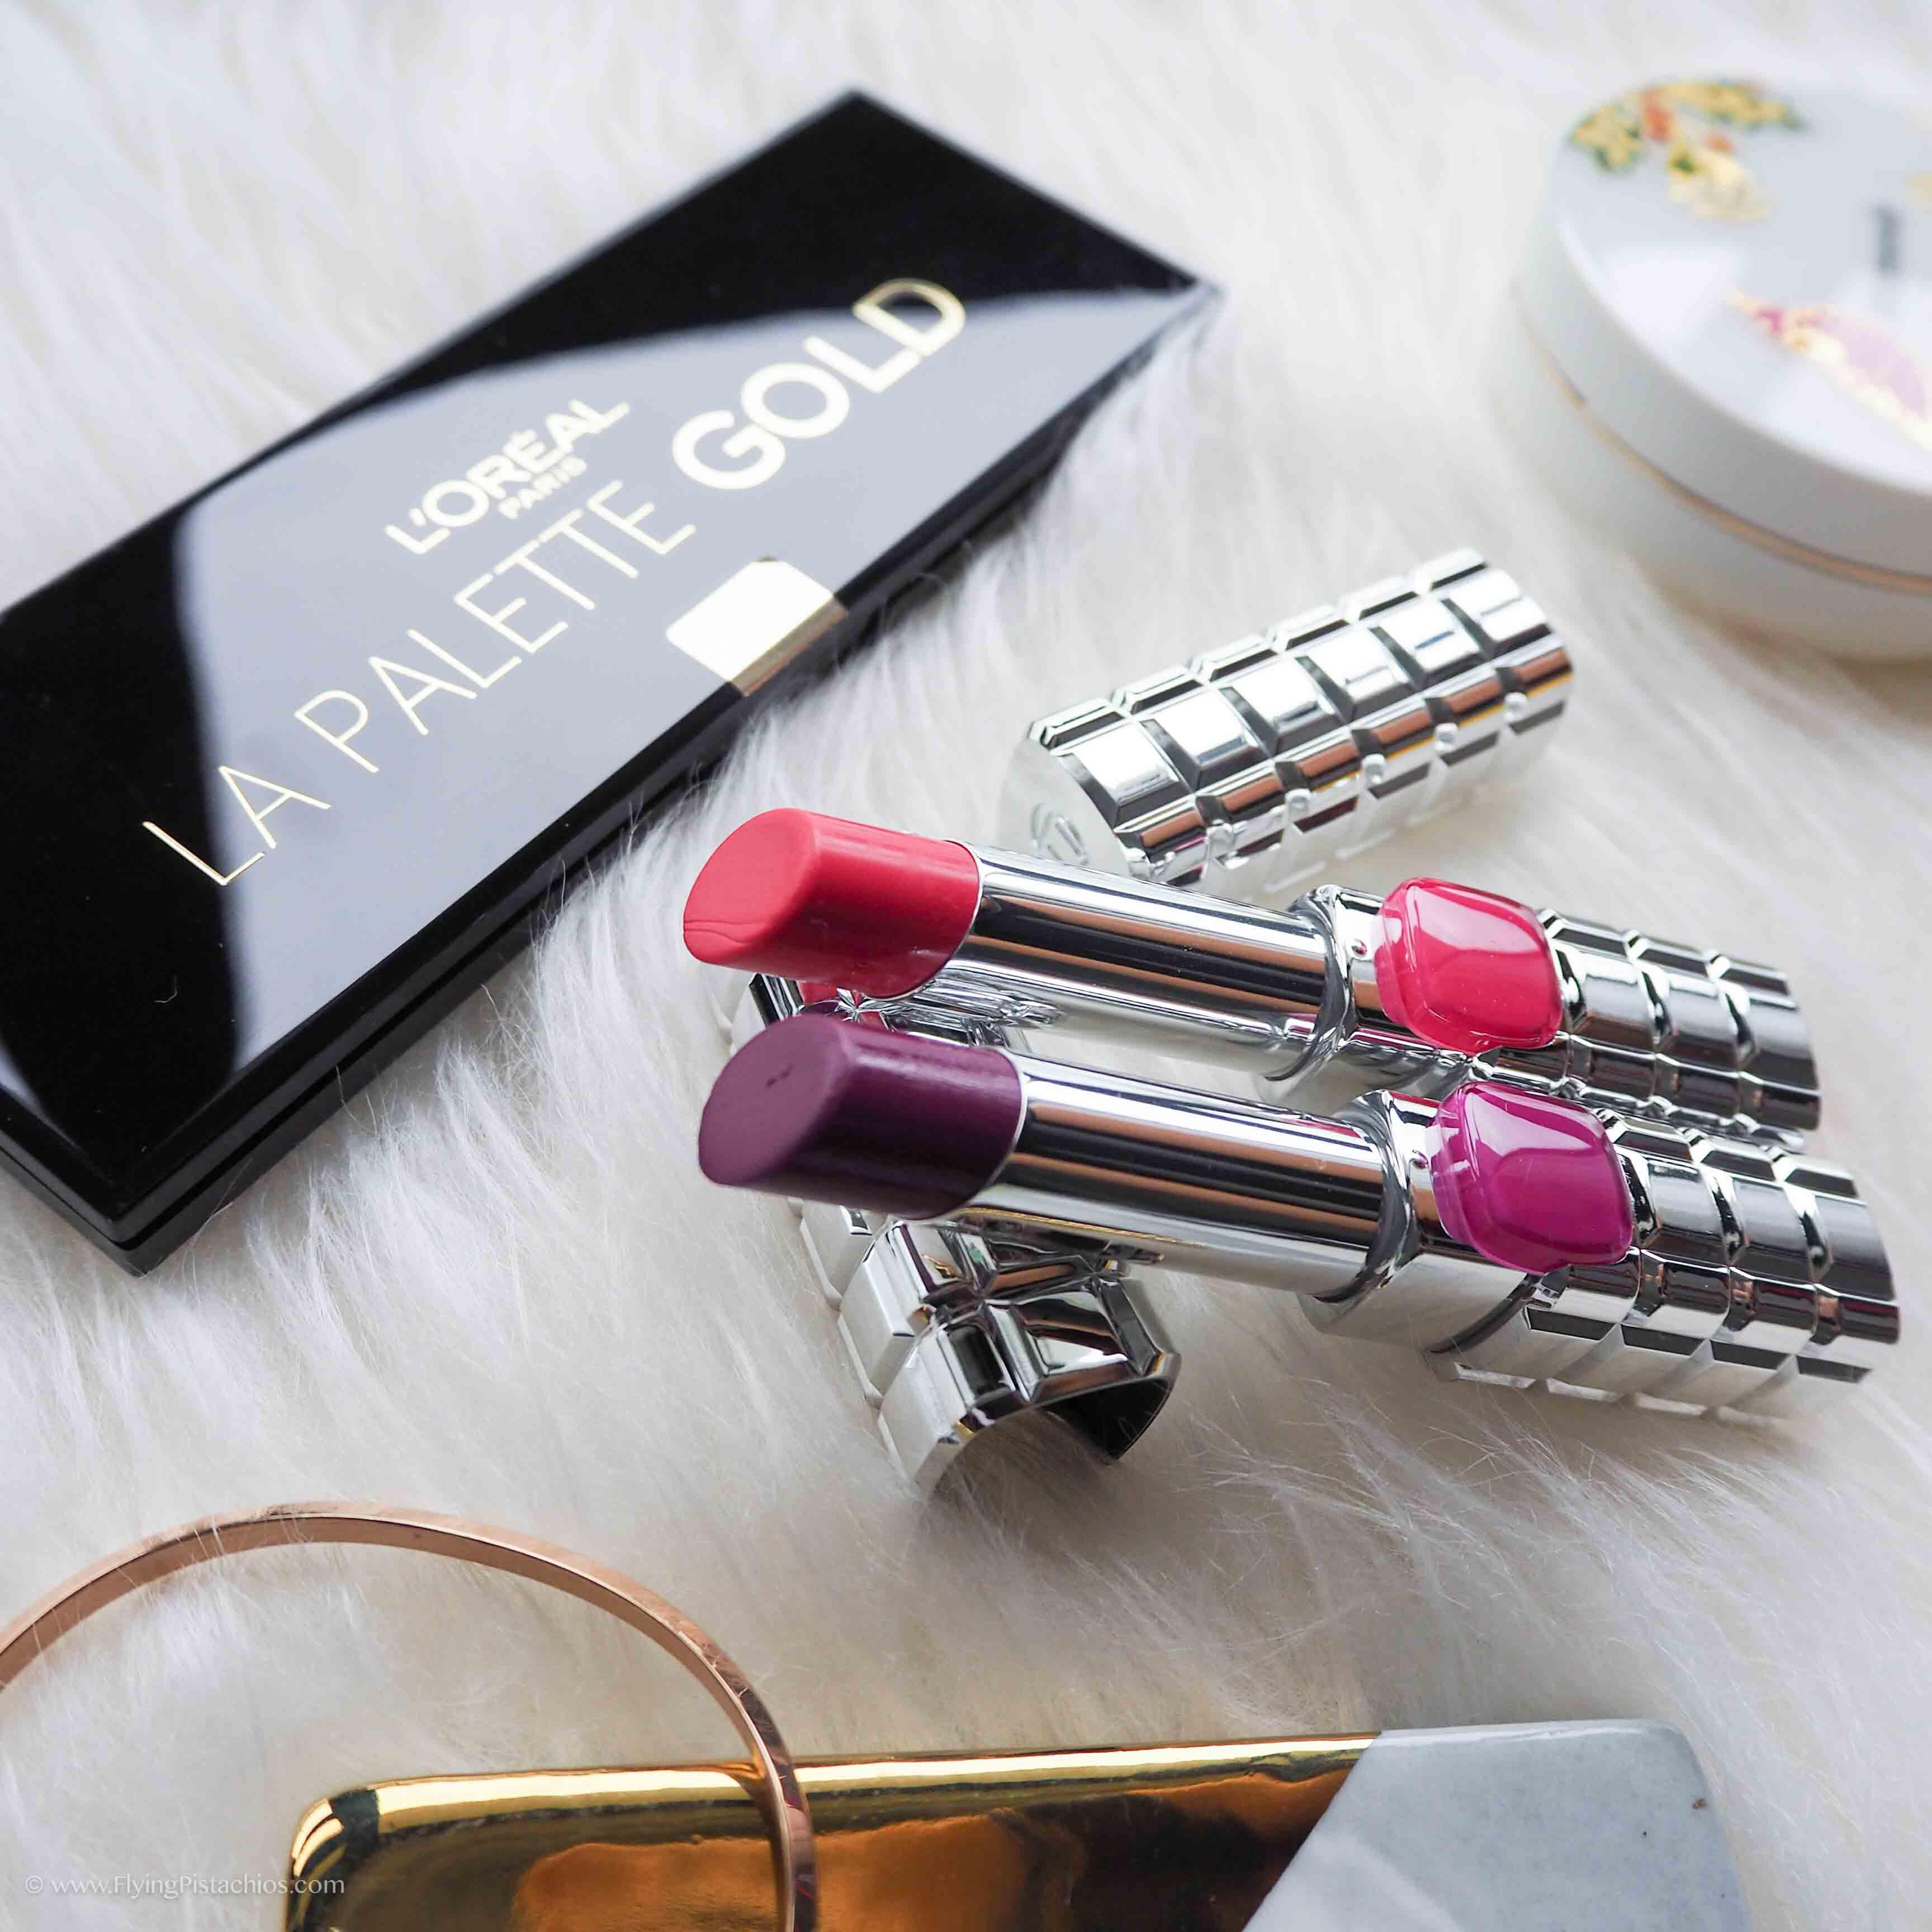 Loreal Color Riche Shine lipsticks